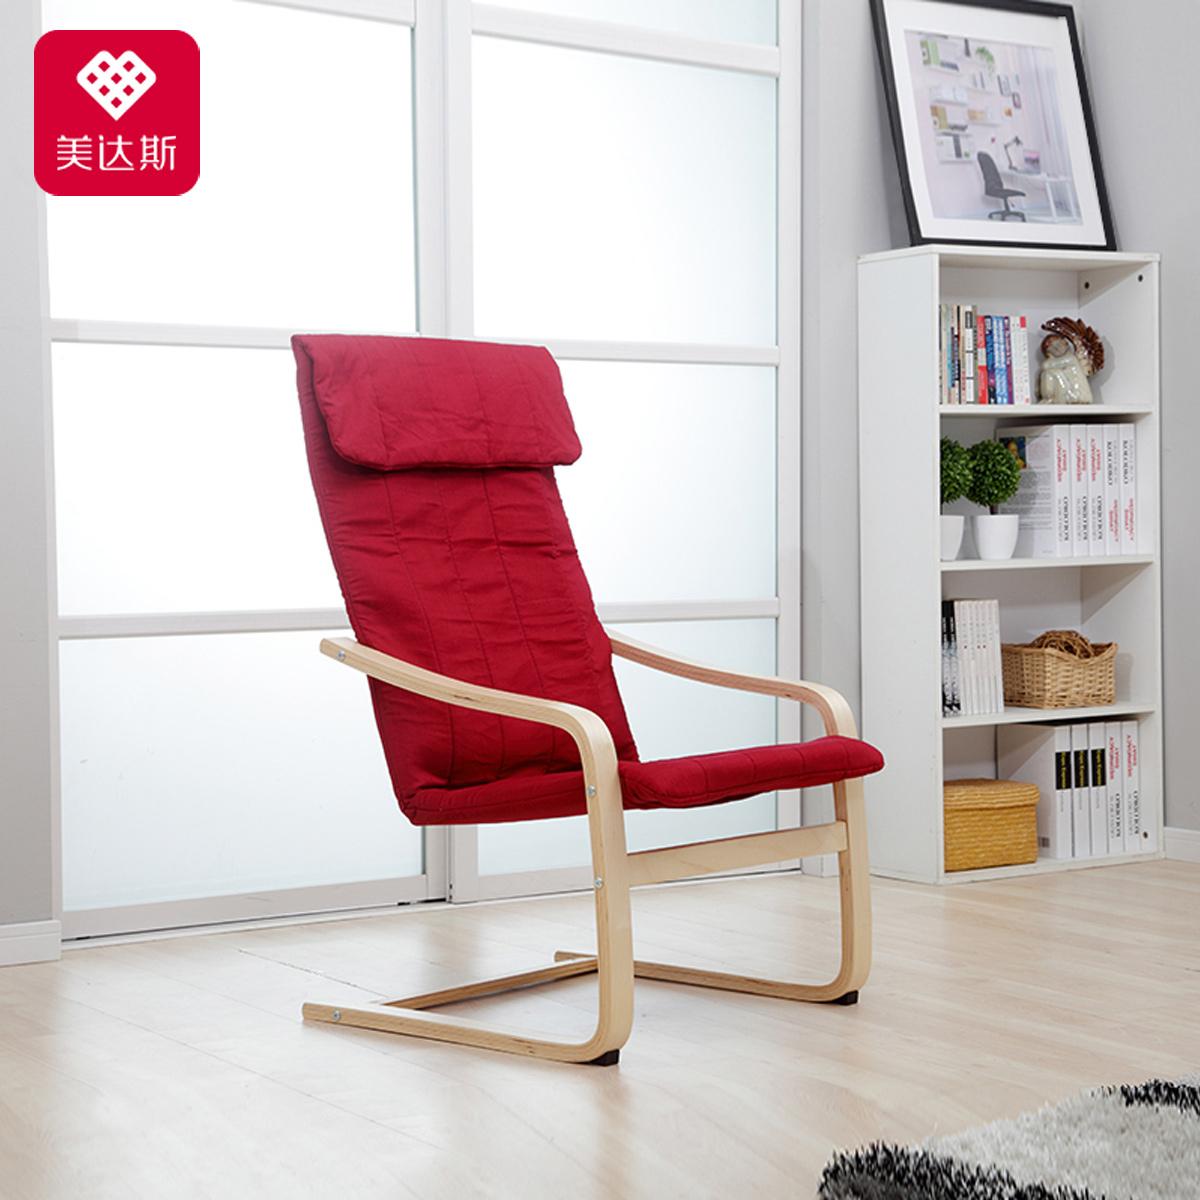 美达斯实木躺椅阳台椅子逍遥椅休闲躺椅午休椅懒人沙发椅